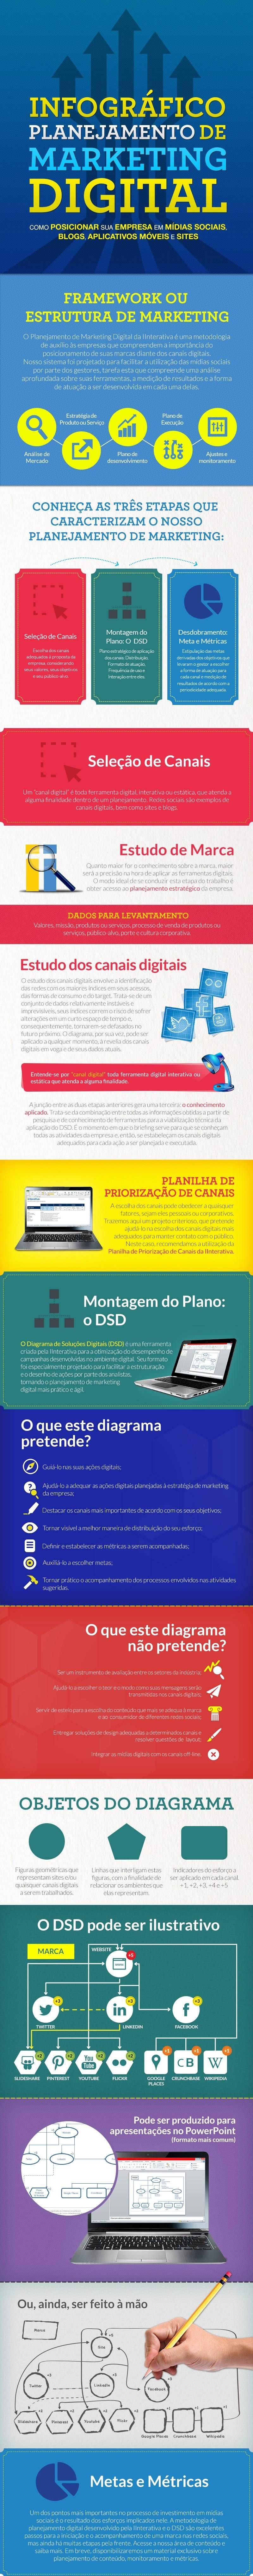 Infografico Como Montar Um Plano De Marketing Digital Criatives Blog Design Inspi Plano De Marketing Digital Planejamento De Marketing Marketing Digital